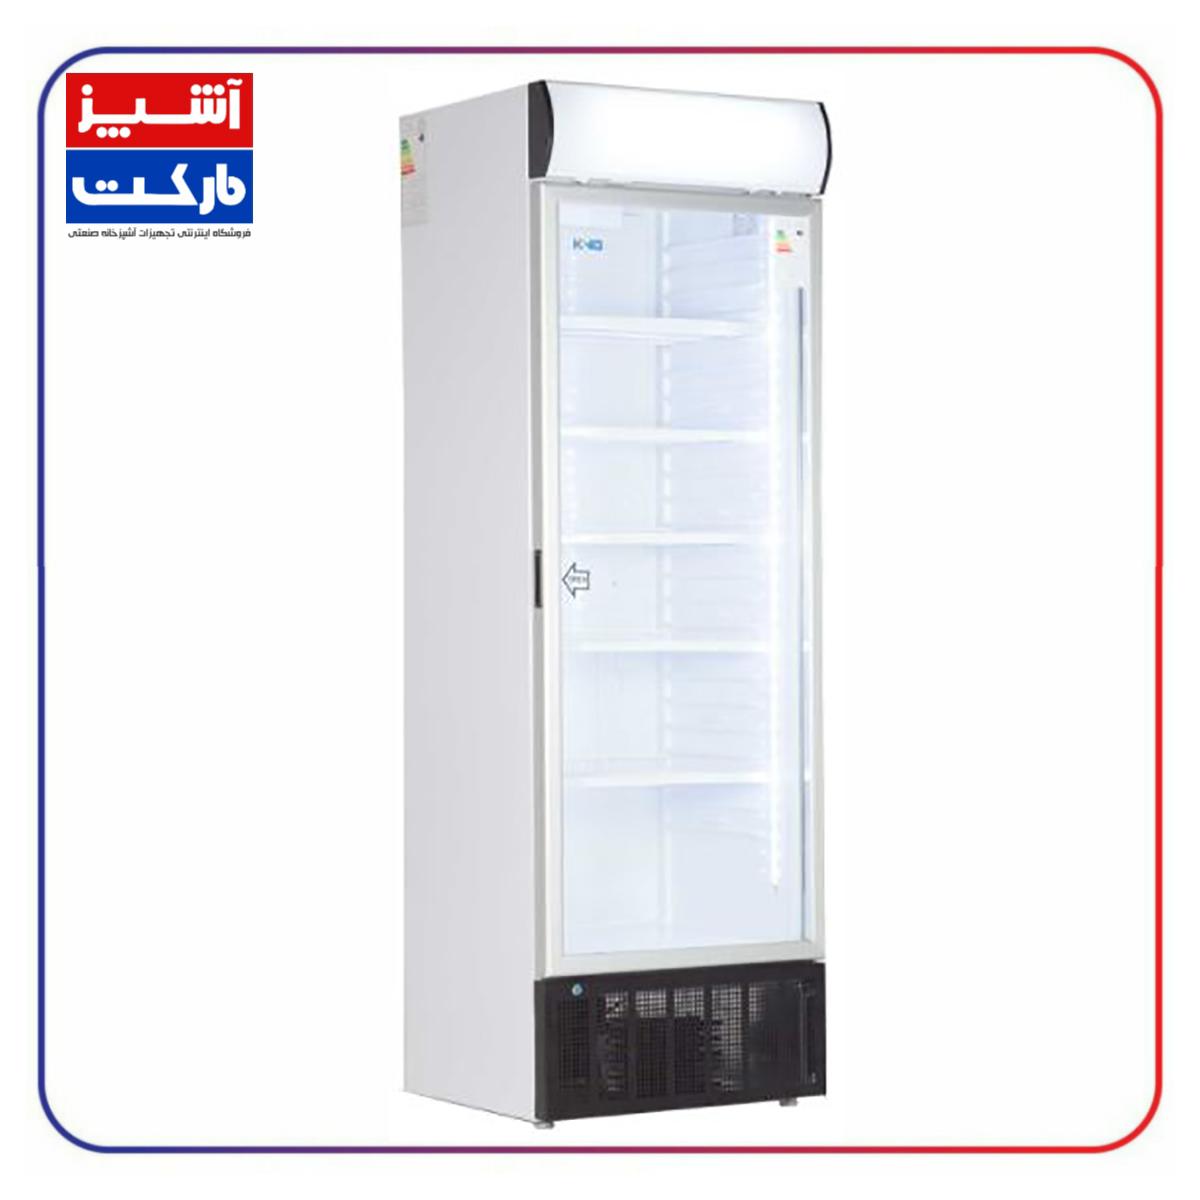 یخچال فروشگاهی کینو 70 سانت KINO KR 680-1D